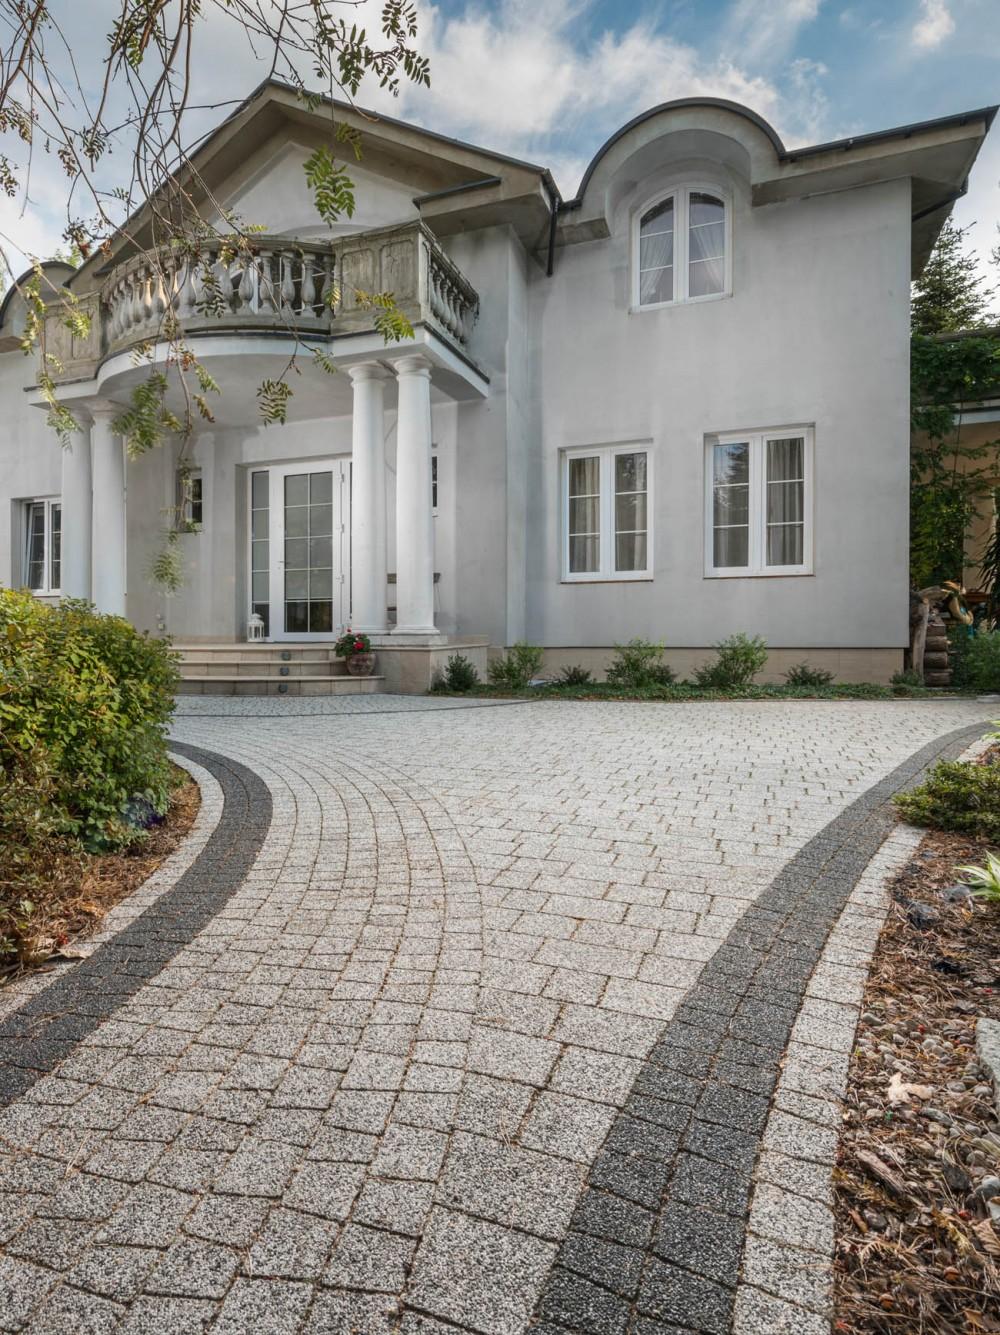 wejście do domu jasnoszary granit